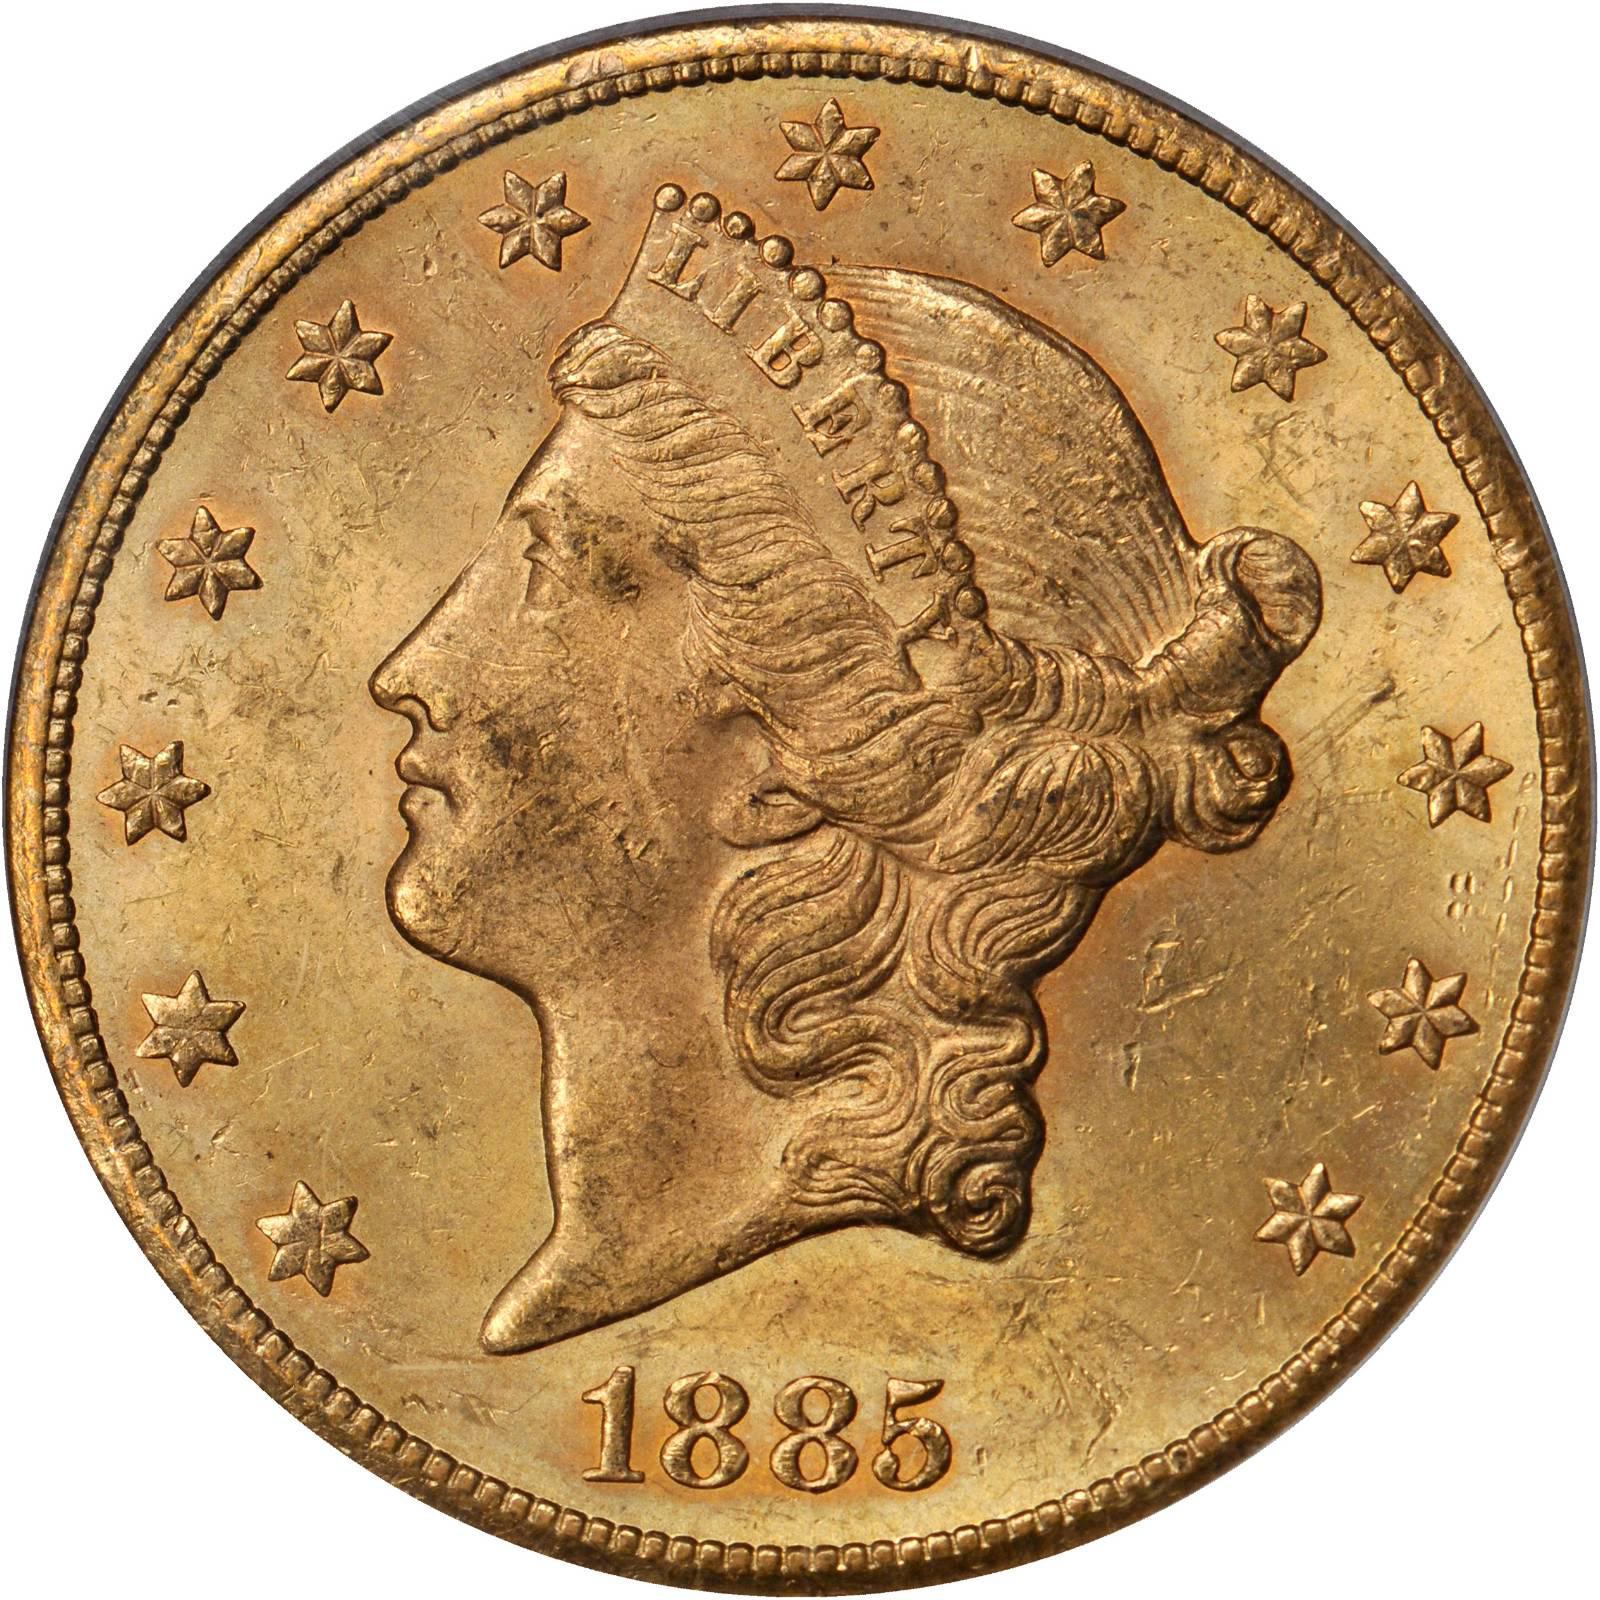 1885 ten dollar gold coin